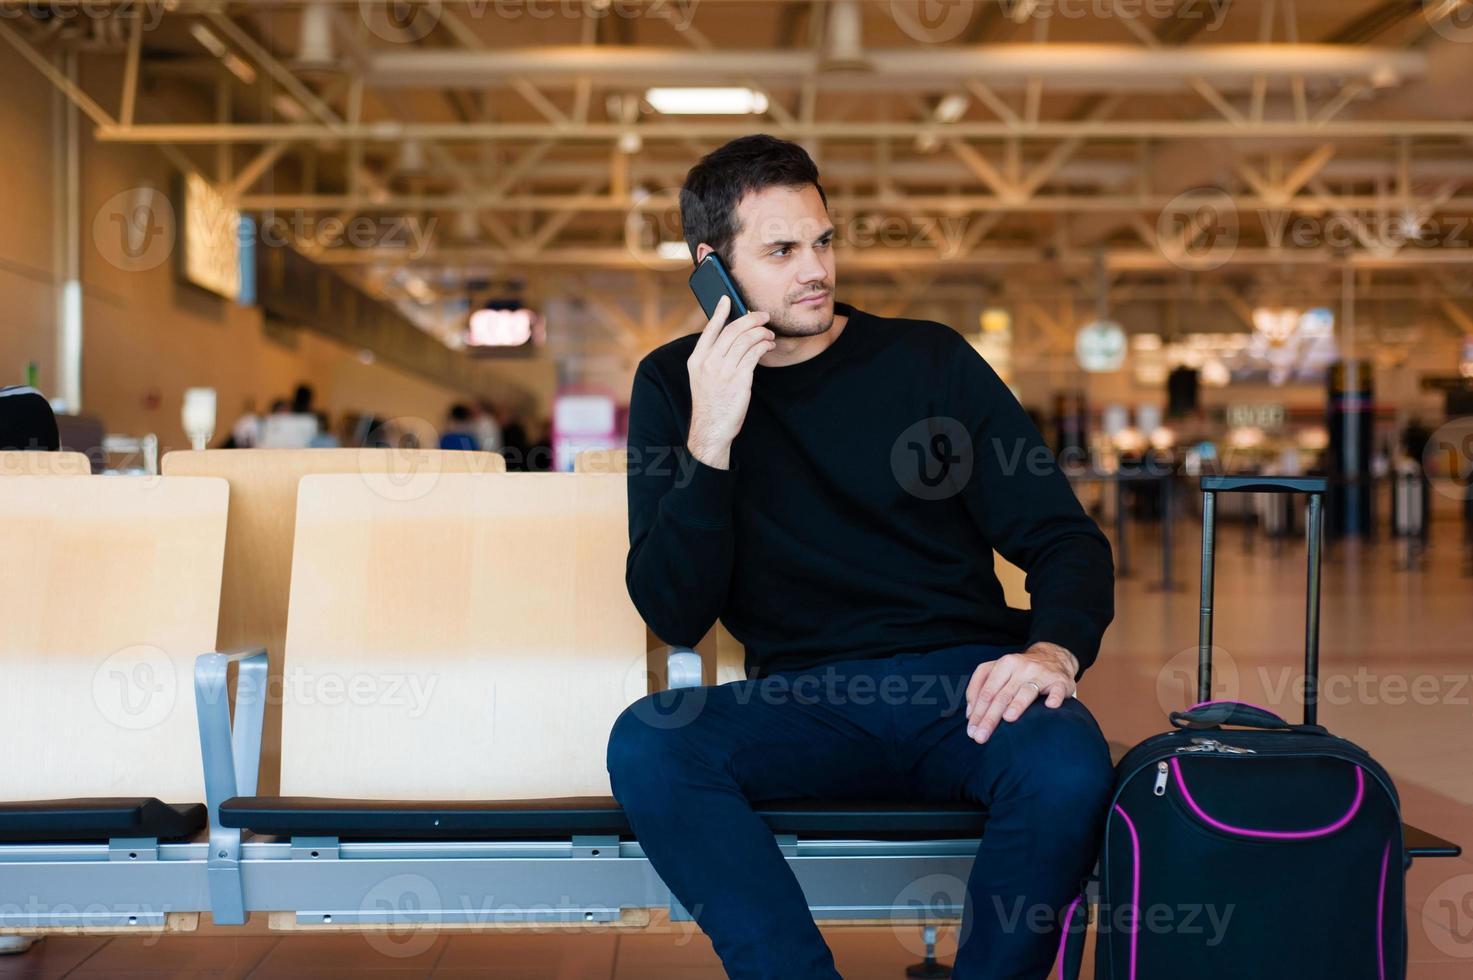 homme décontracté en attente de son vol. photo